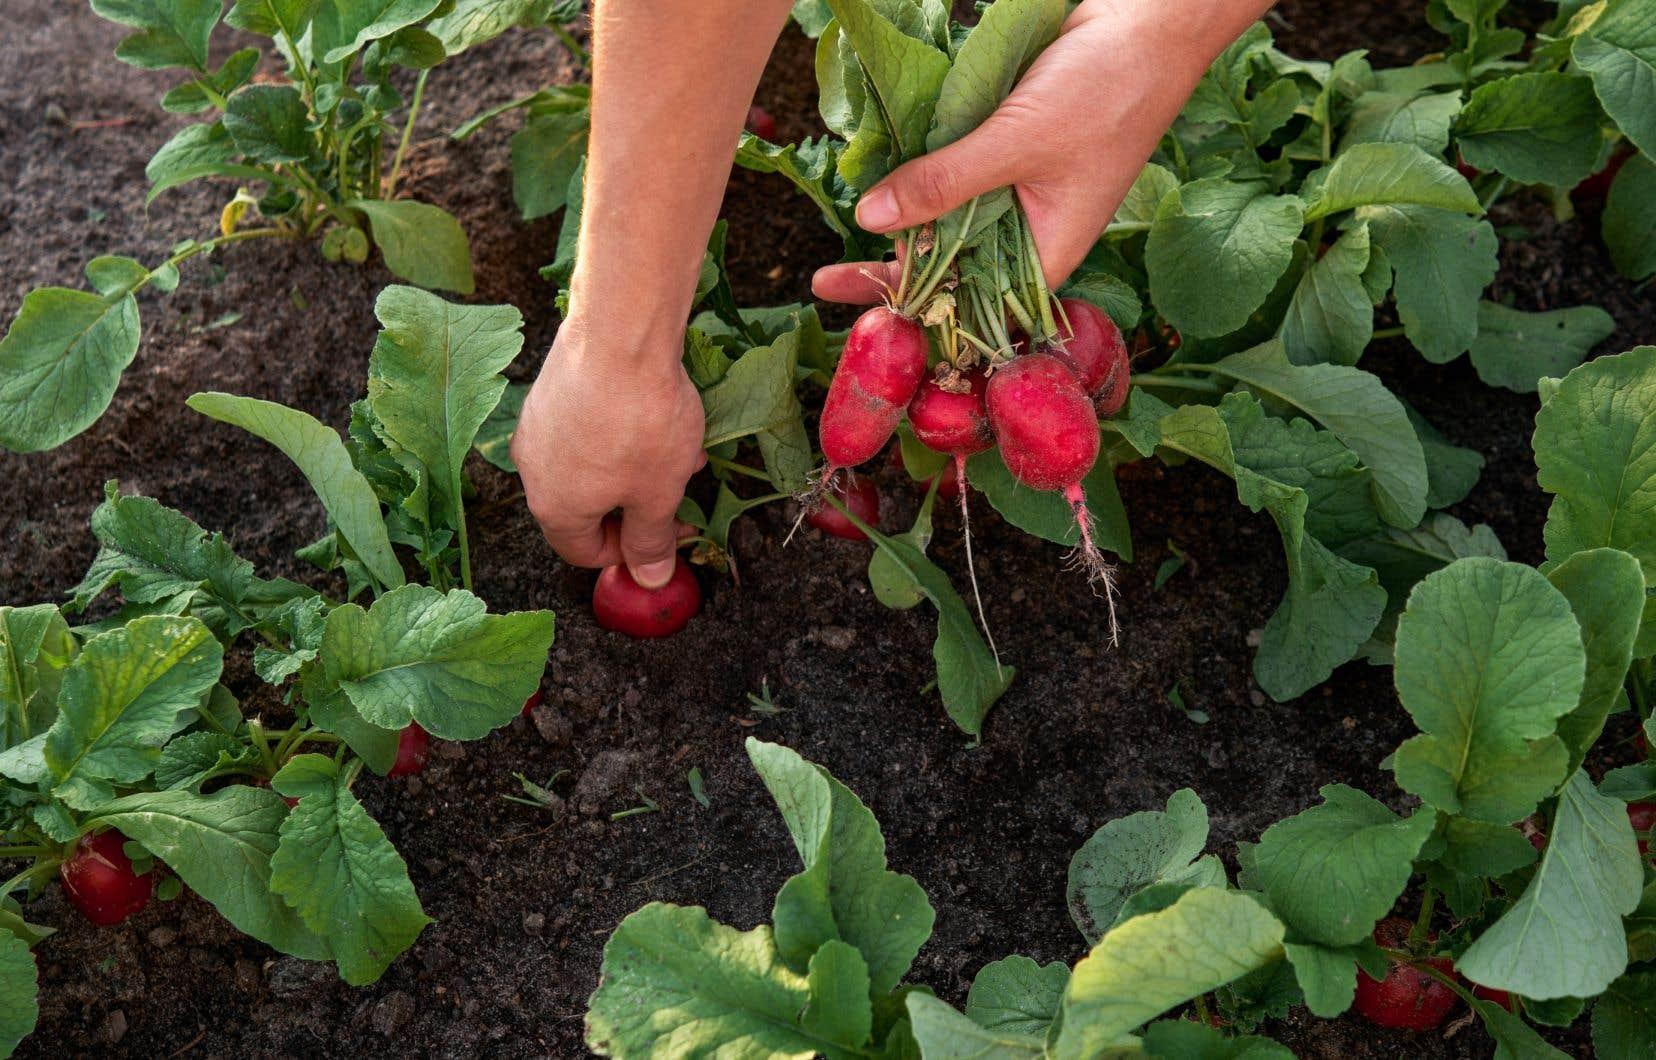 Jardiner n'est pas seulement l'acte de mettre les mains dans la terre, c'est aussi prendre des centaines de microdécisions chaque saison.